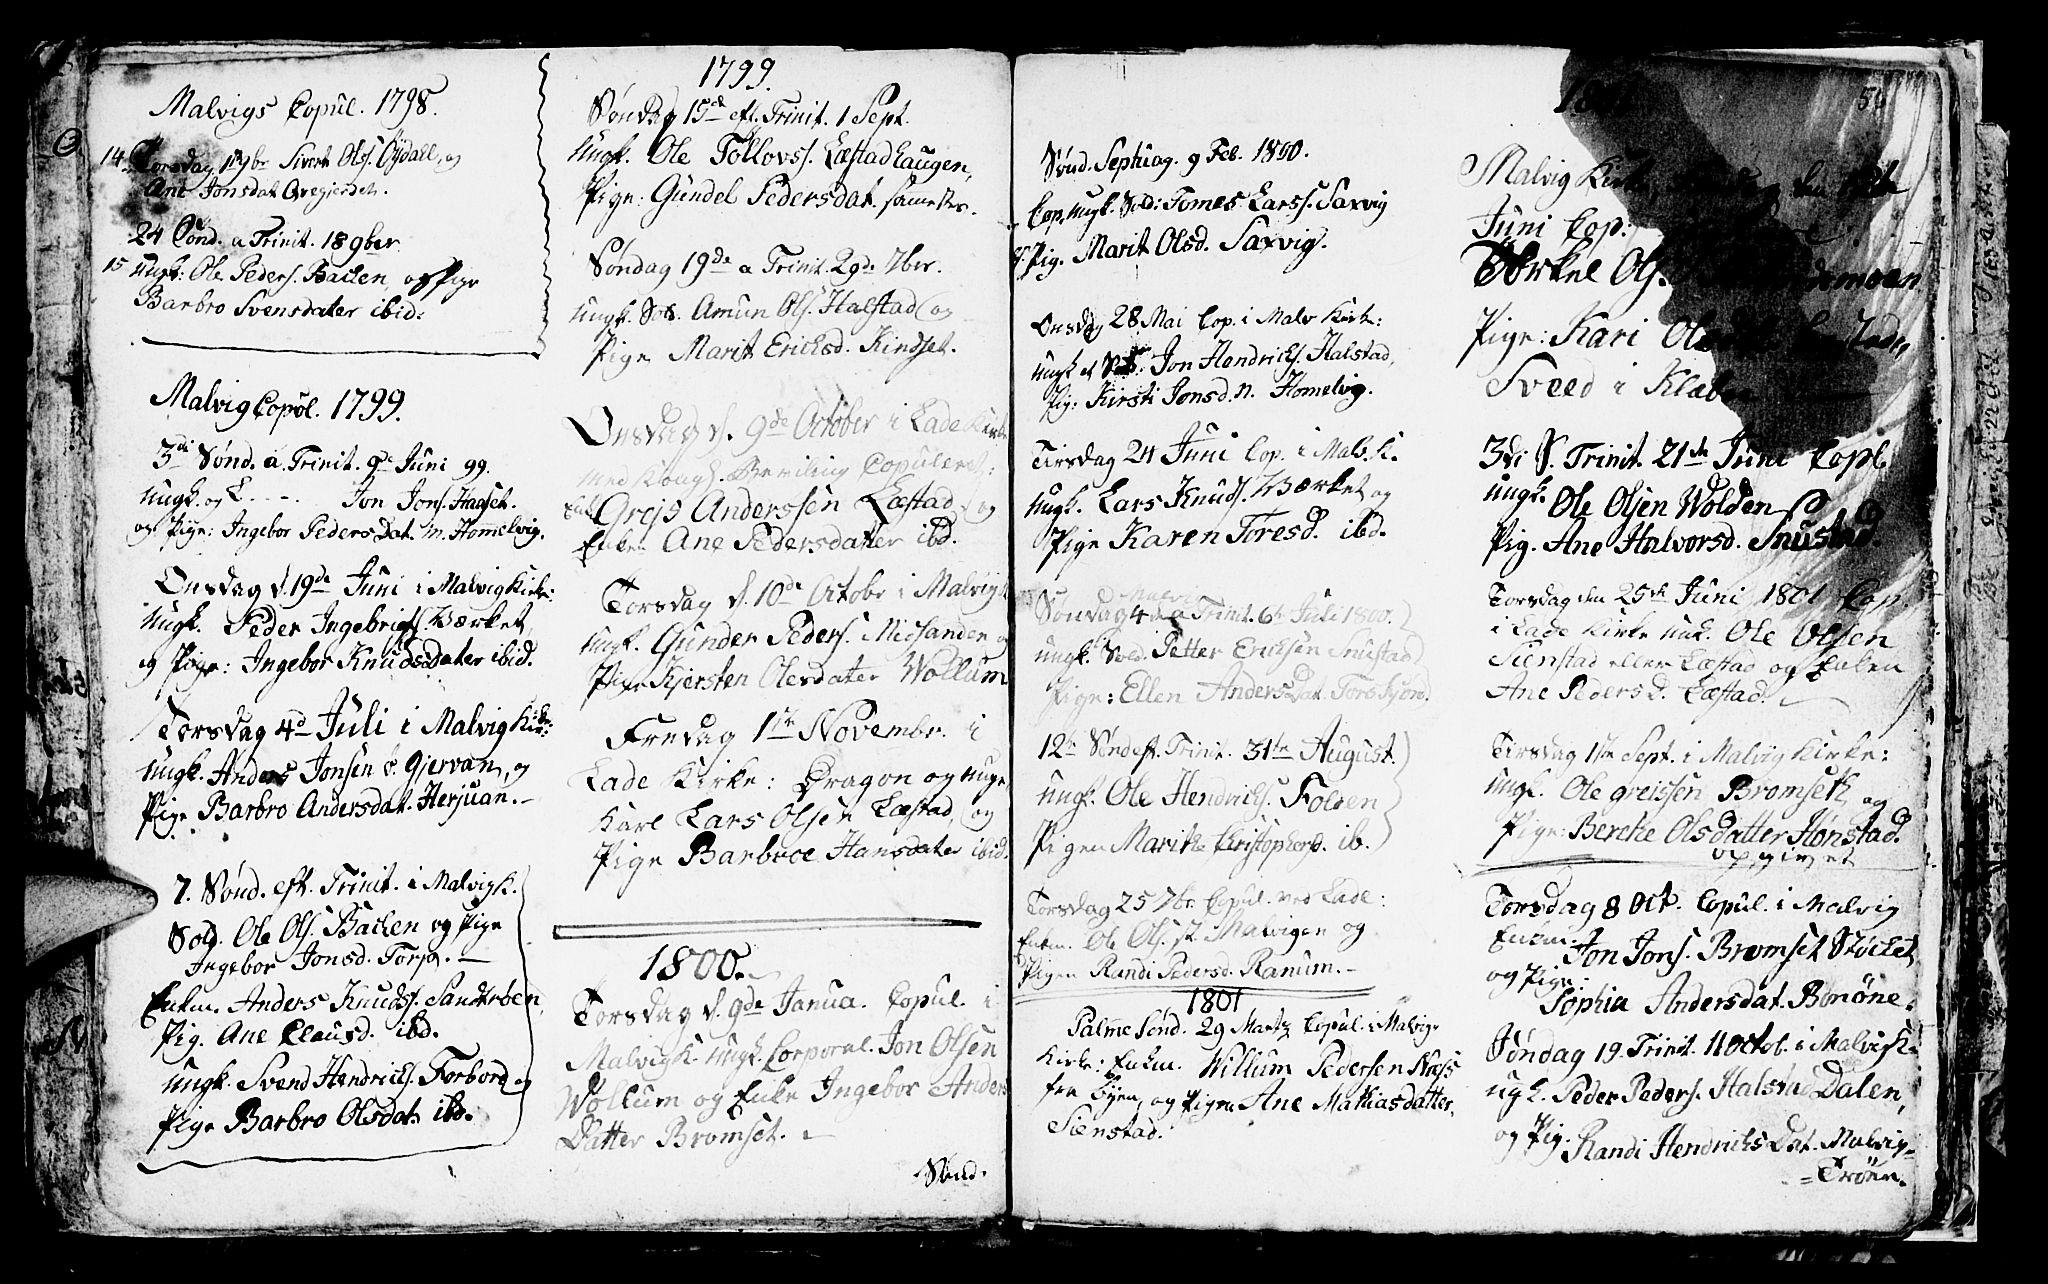 SAT, Ministerialprotokoller, klokkerbøker og fødselsregistre - Sør-Trøndelag, 616/L0419: Klokkerbok nr. 616C02, 1797-1816, s. 56